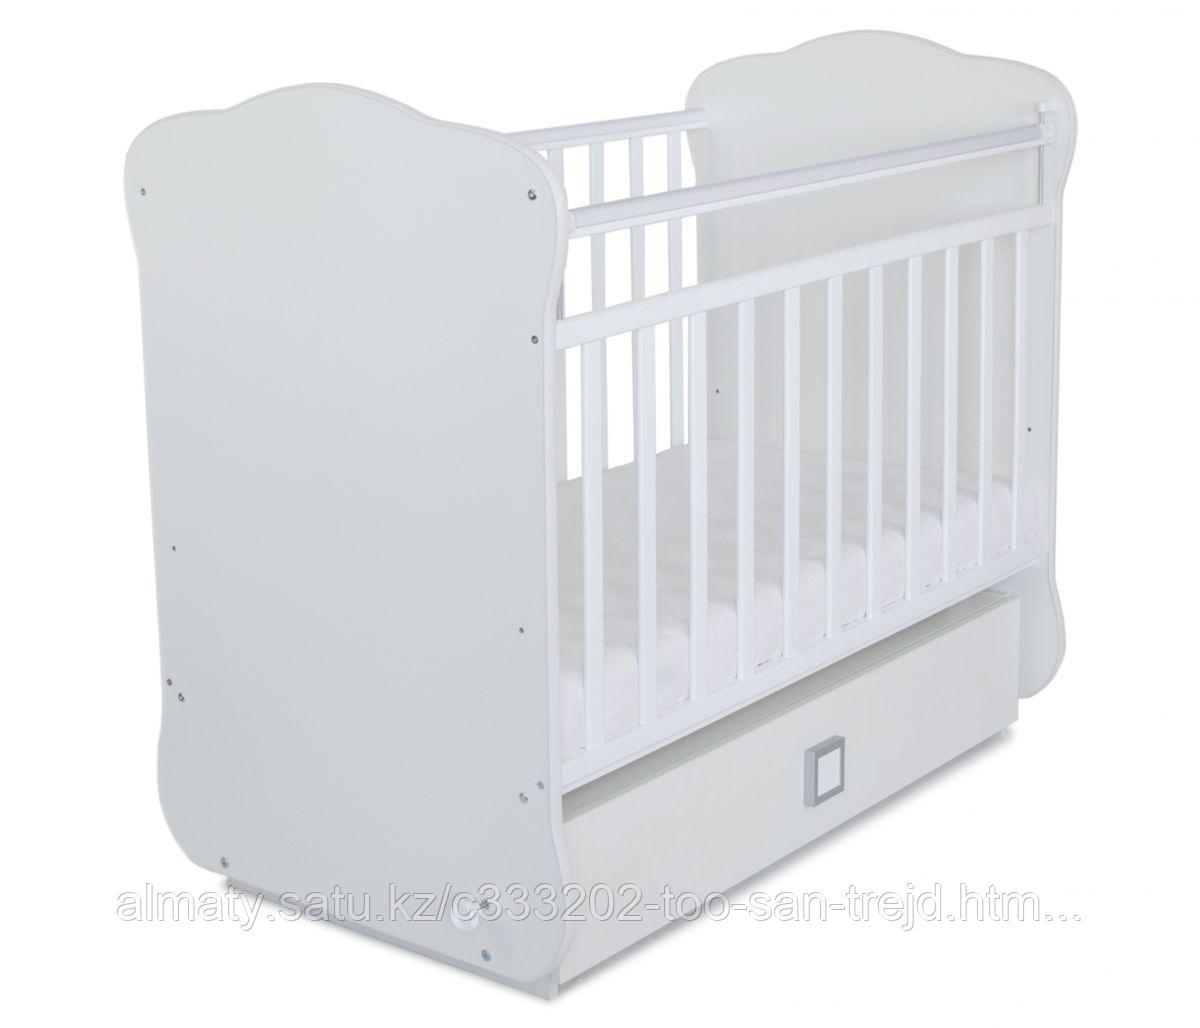 Детская кроватка с поперечным маятником и ящиком (цвет белый,без рисунка)